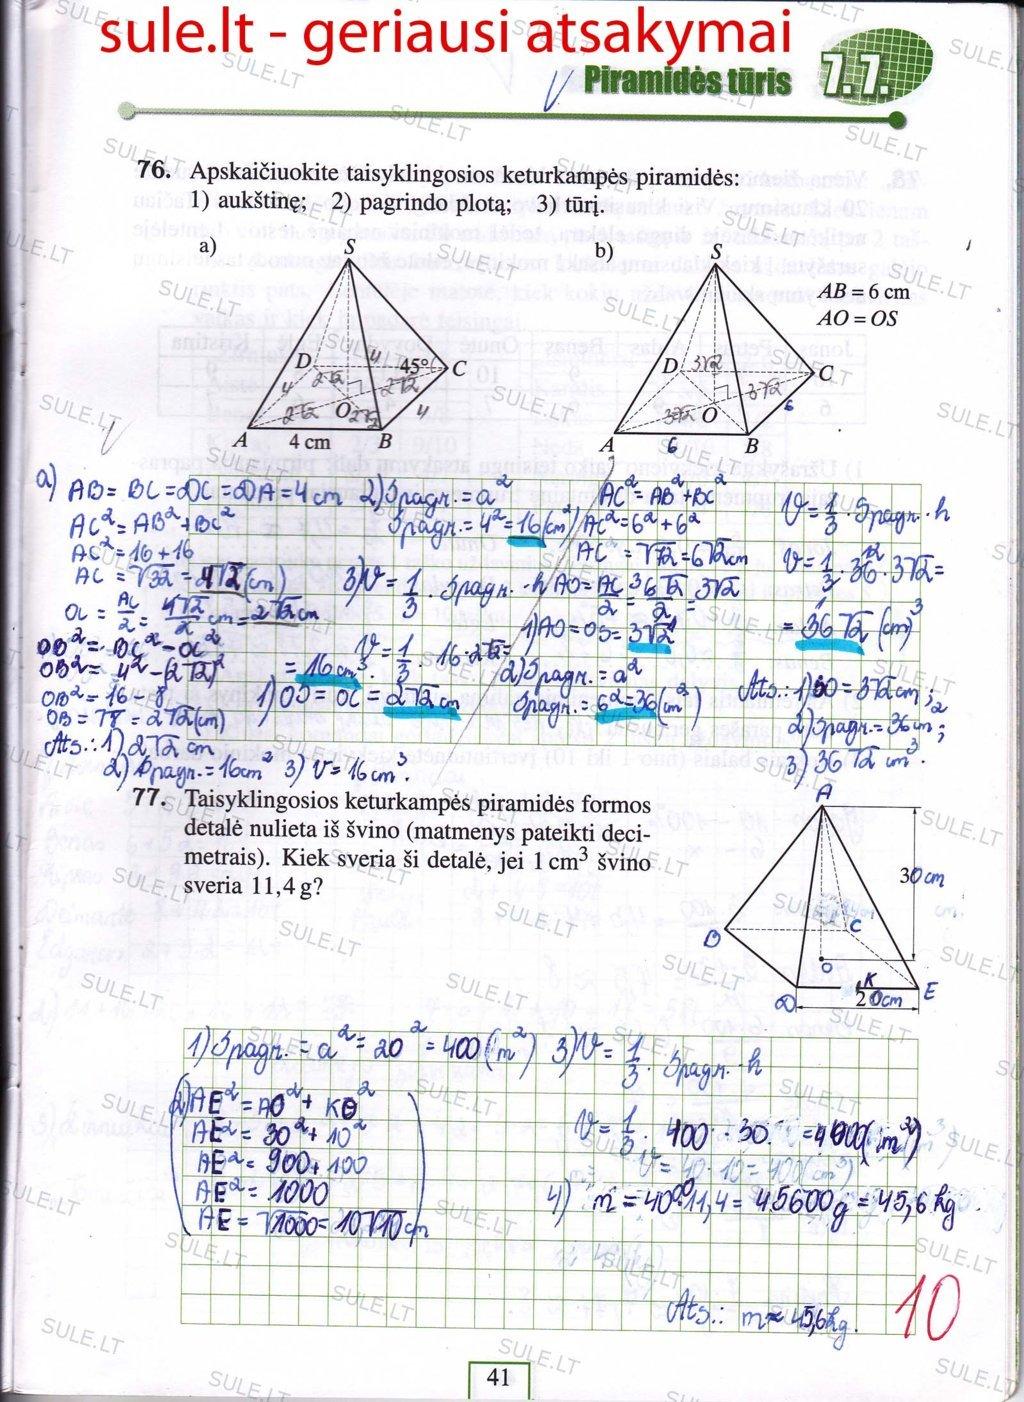 Peržiūrėti puslapį 40